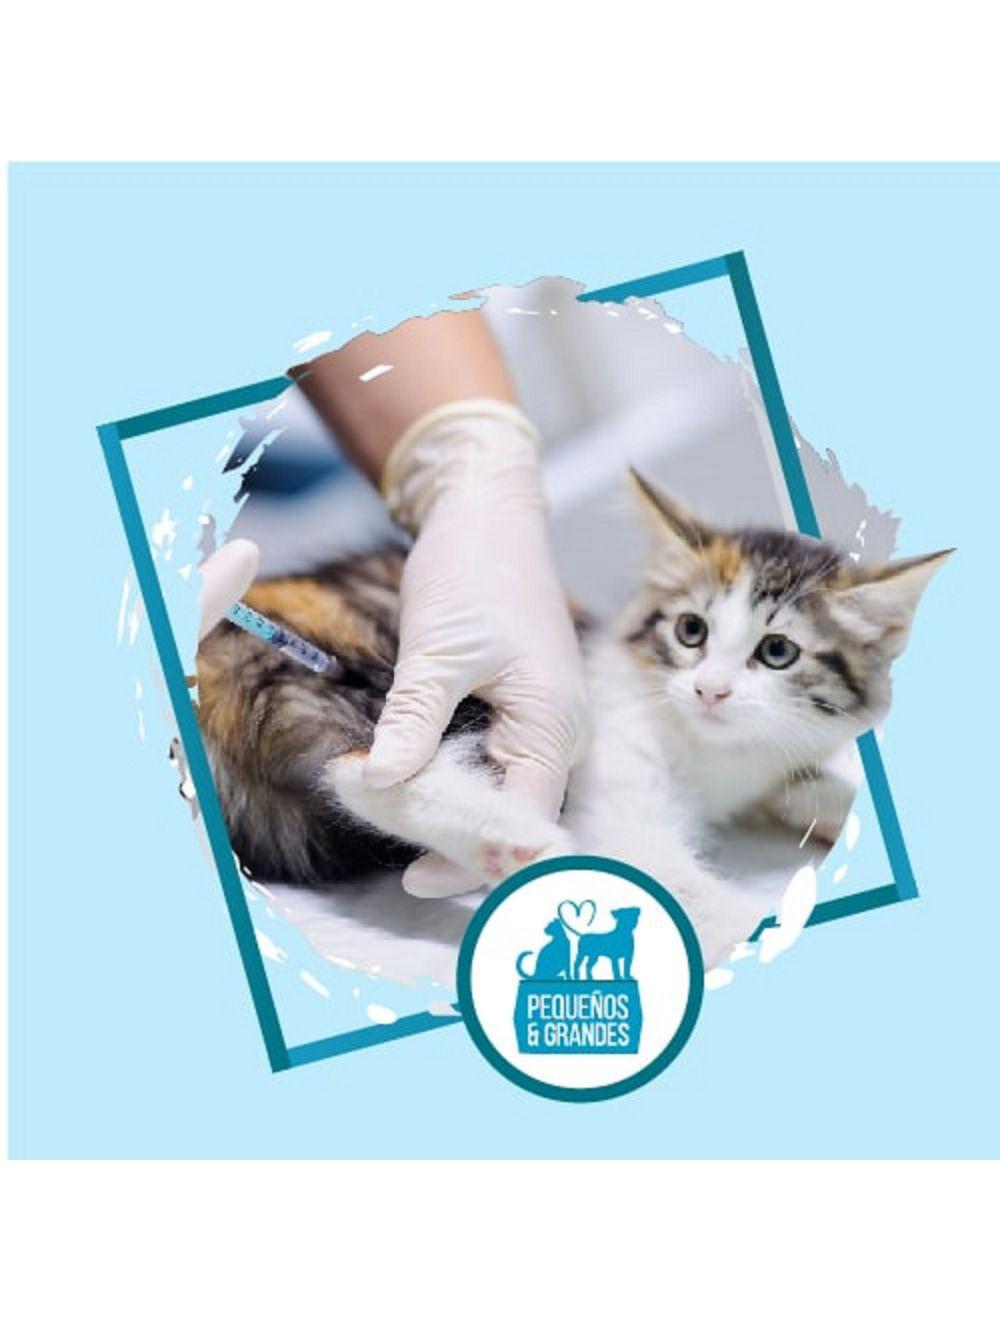 Vacunación a domicilio Gato - Triple Felina - Ciudaddemascotas.com